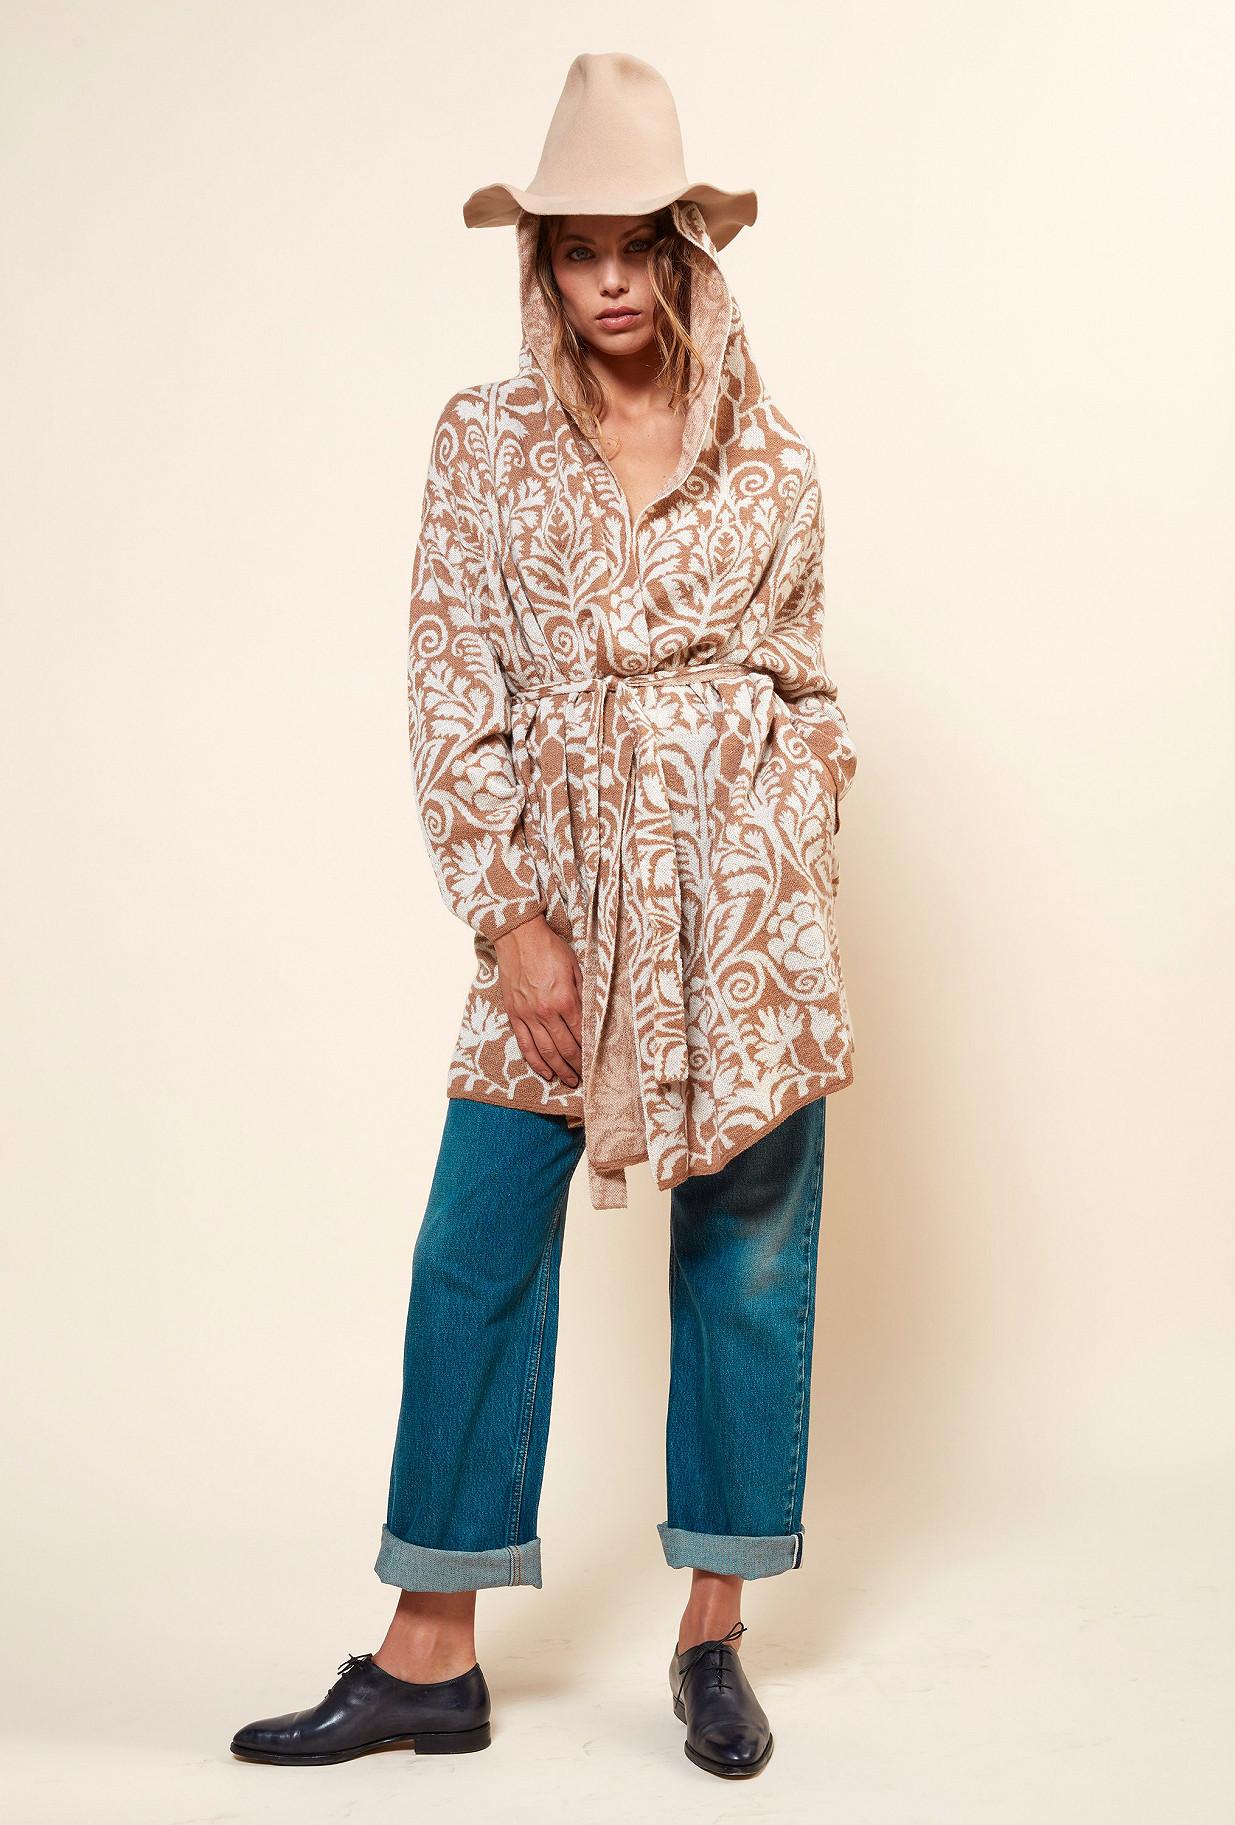 Paris clothes store COAT  Yetha french designer fashion Paris